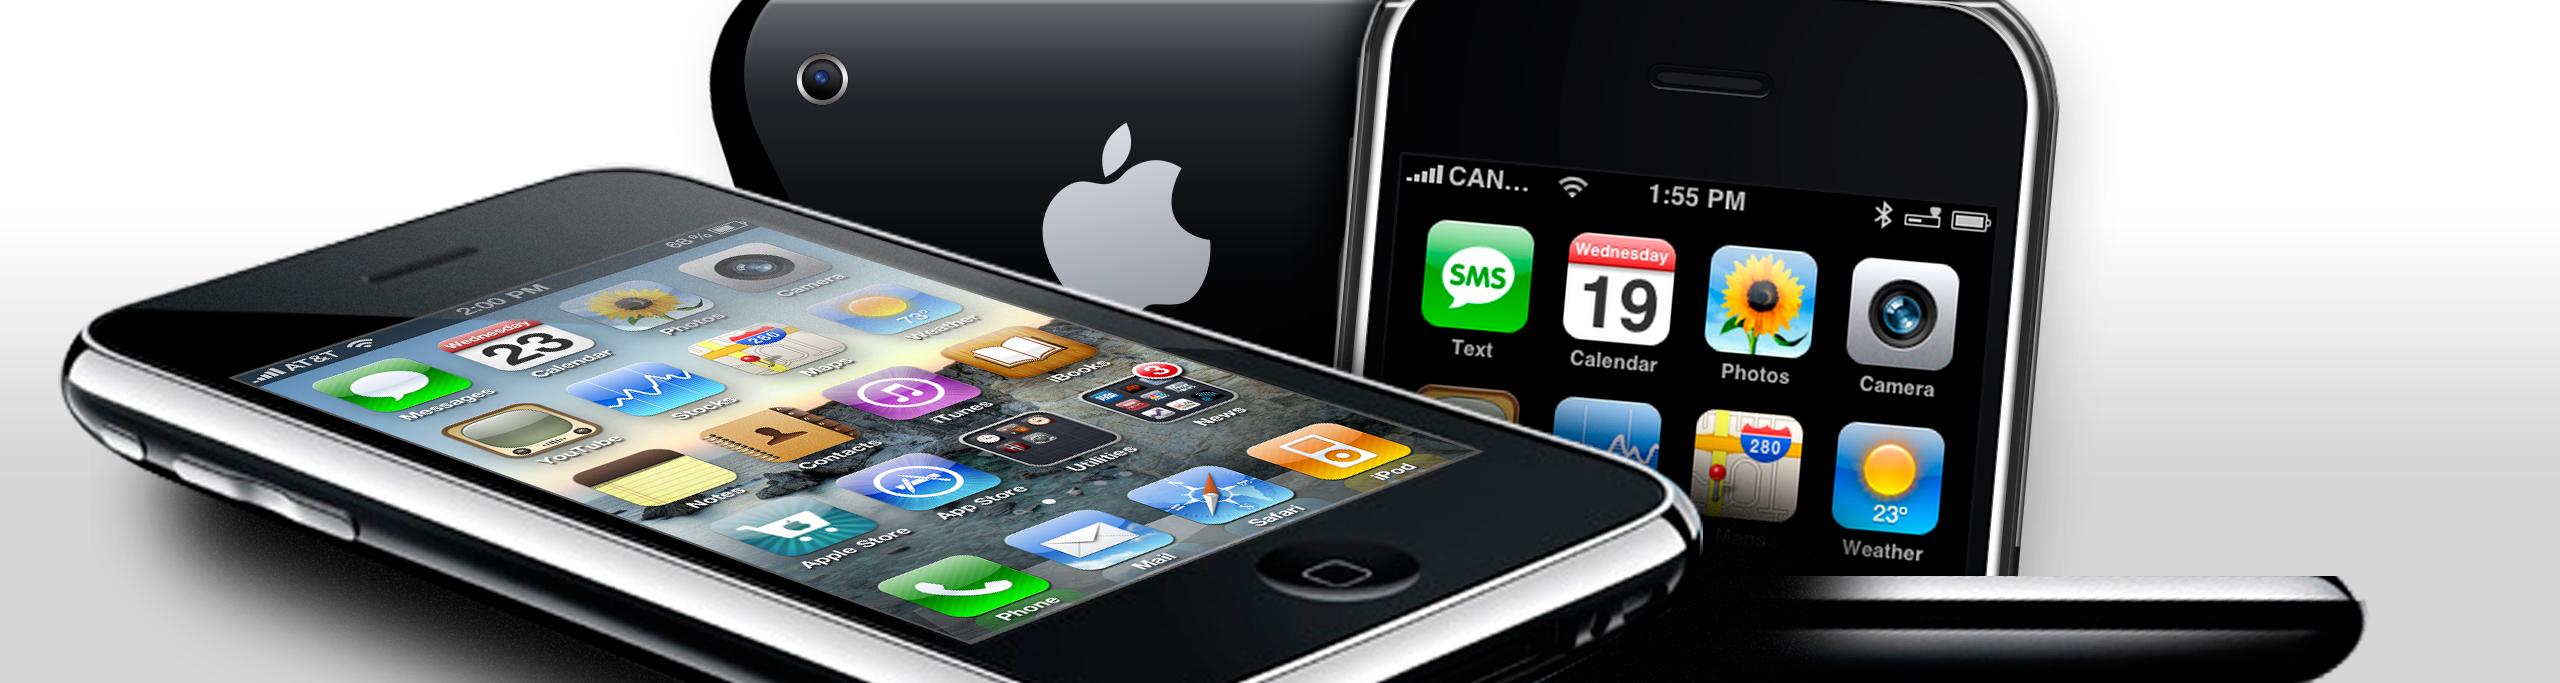 iPhone 3G (A1324 / A1241)